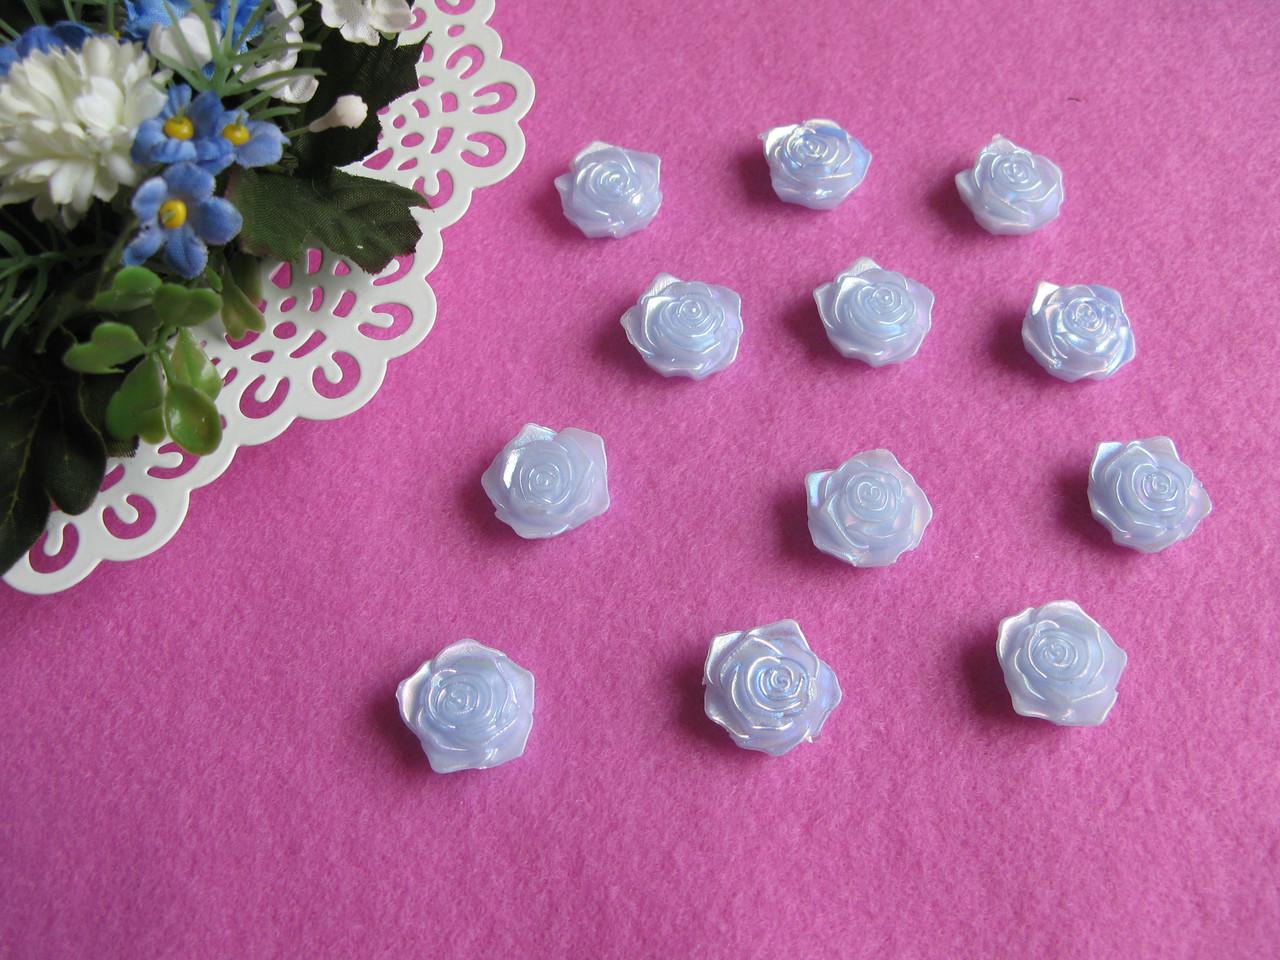 Серединка акриловая - Голубая роза с перламутром  р-р -19 мм цена 2 грн - 1 шт